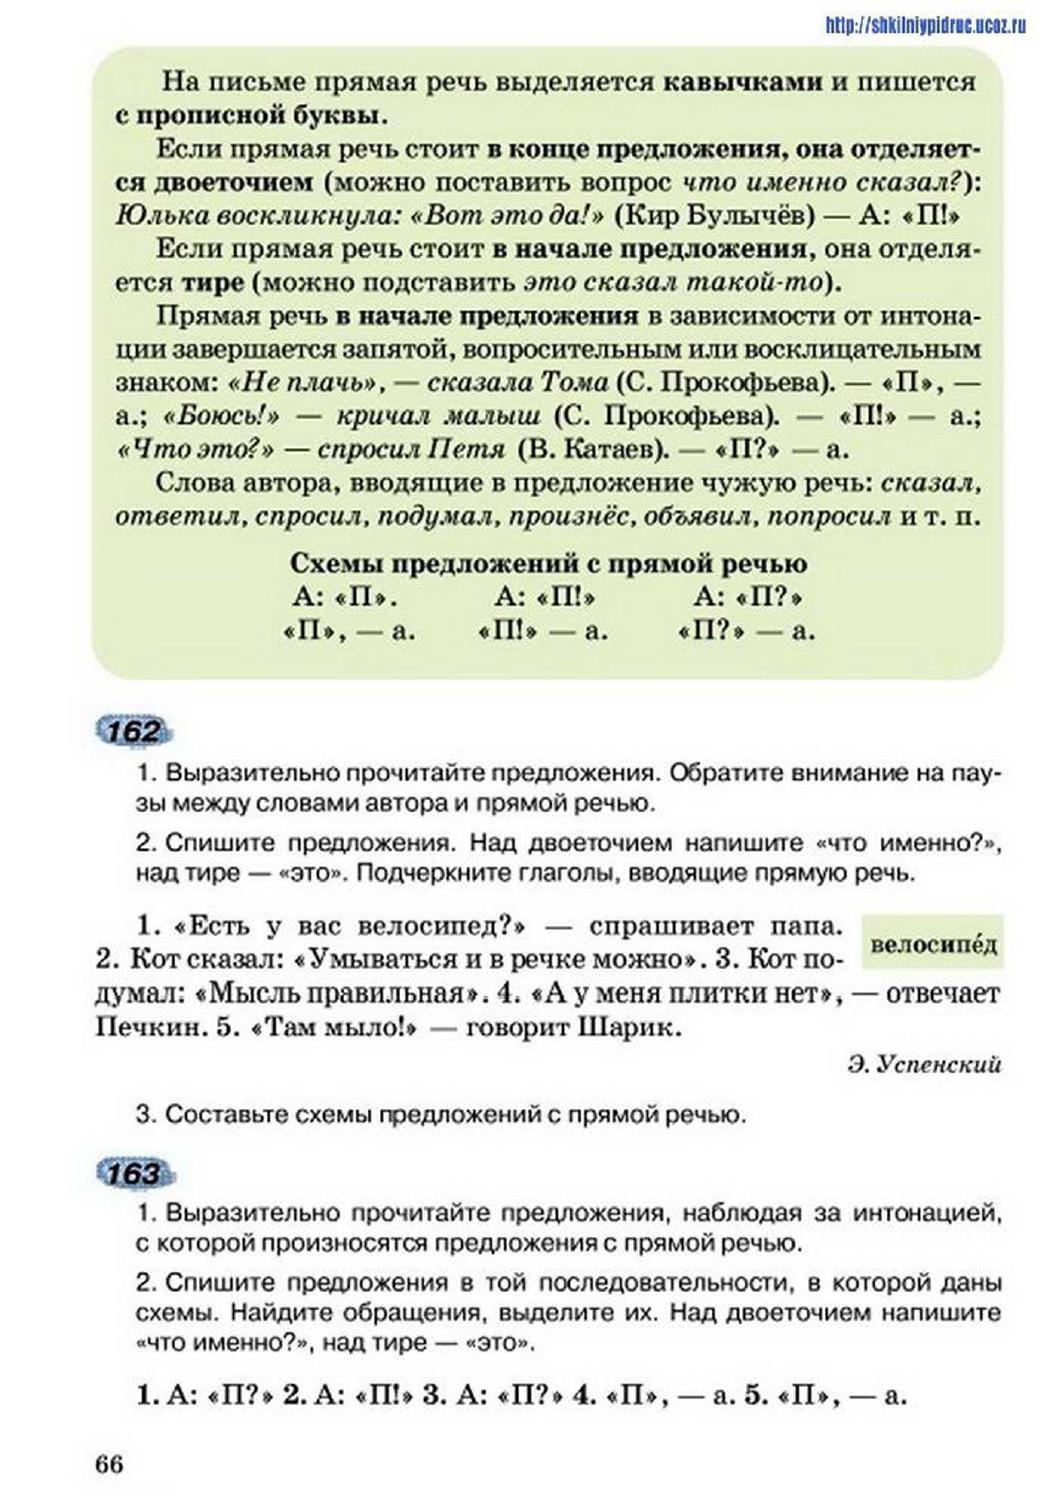 Схемы с прямой речью по русскому